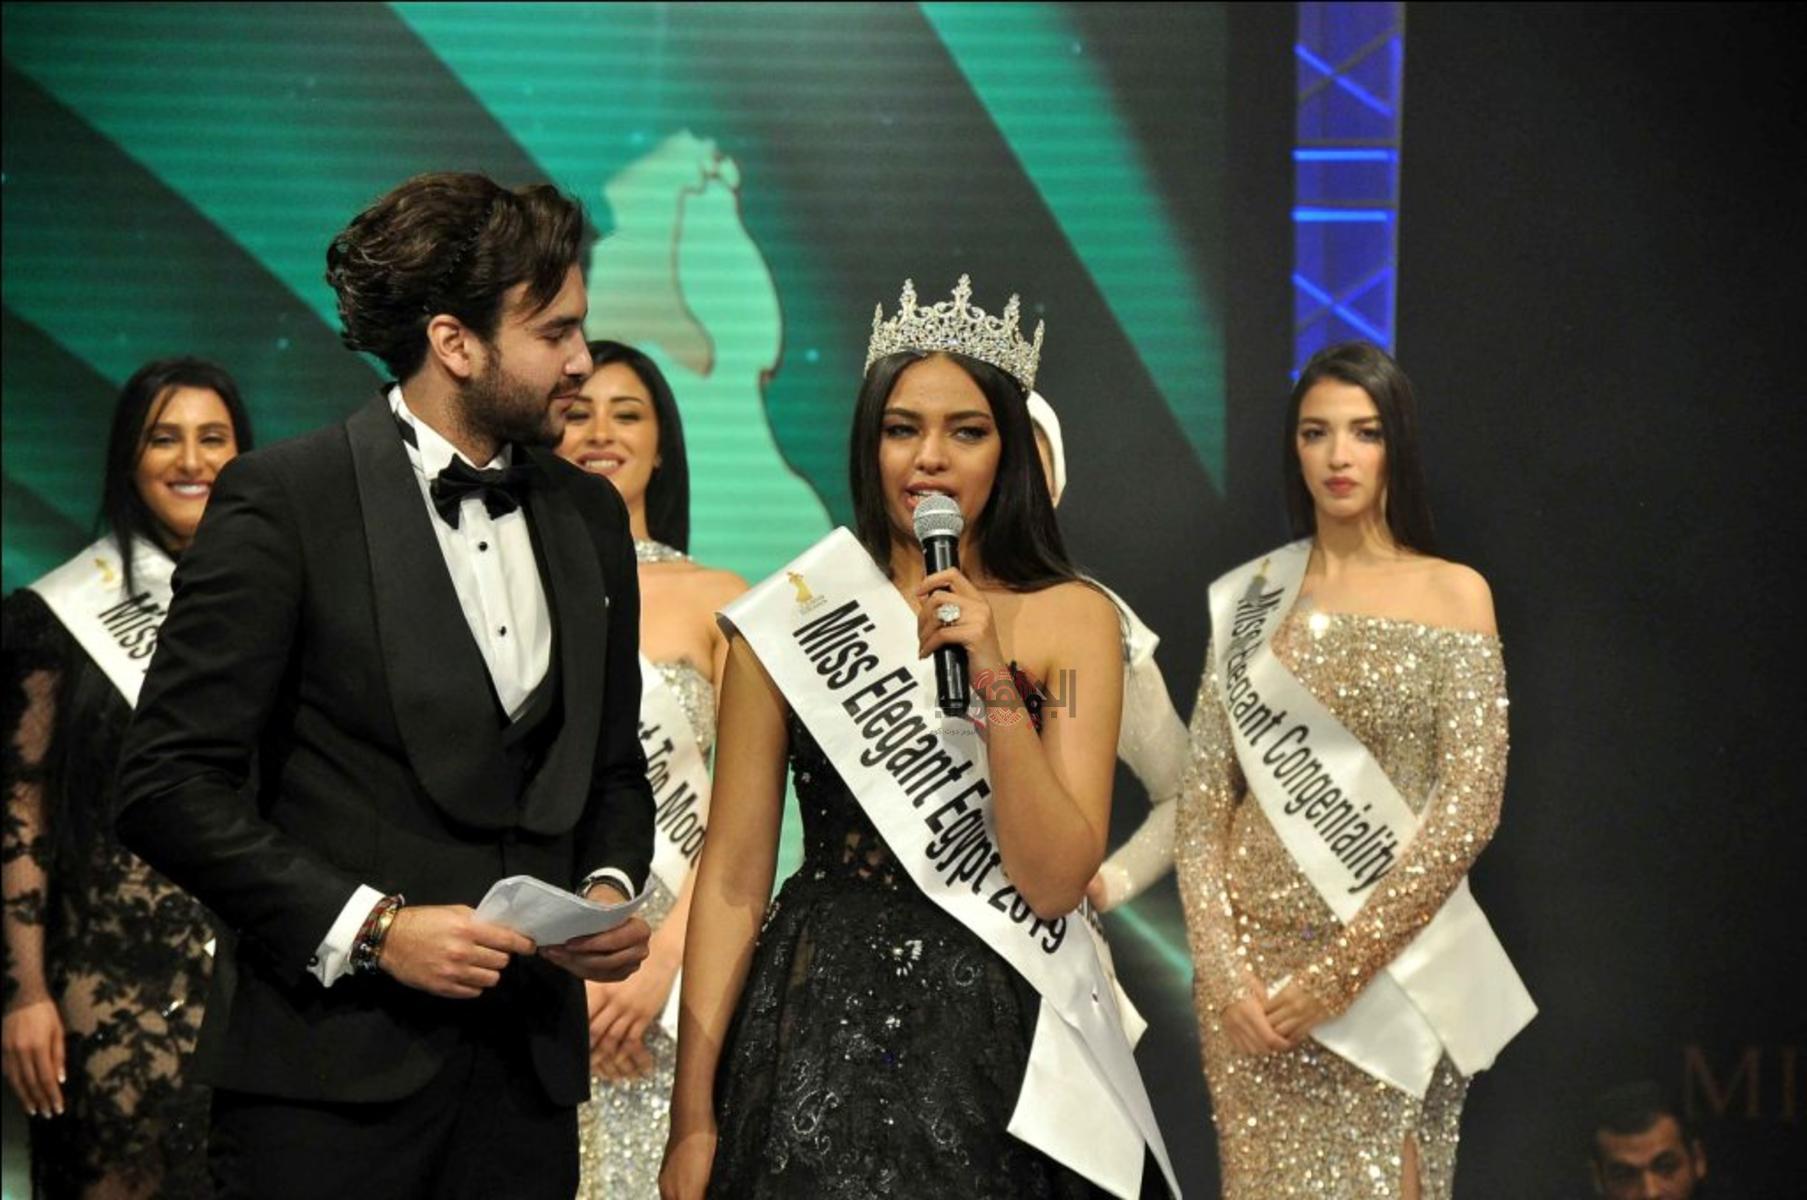 كريم أسامة يبهر الجمهور بأدائه فى حفل تتويج ملكة جمال الأناقة ٢٠١٩